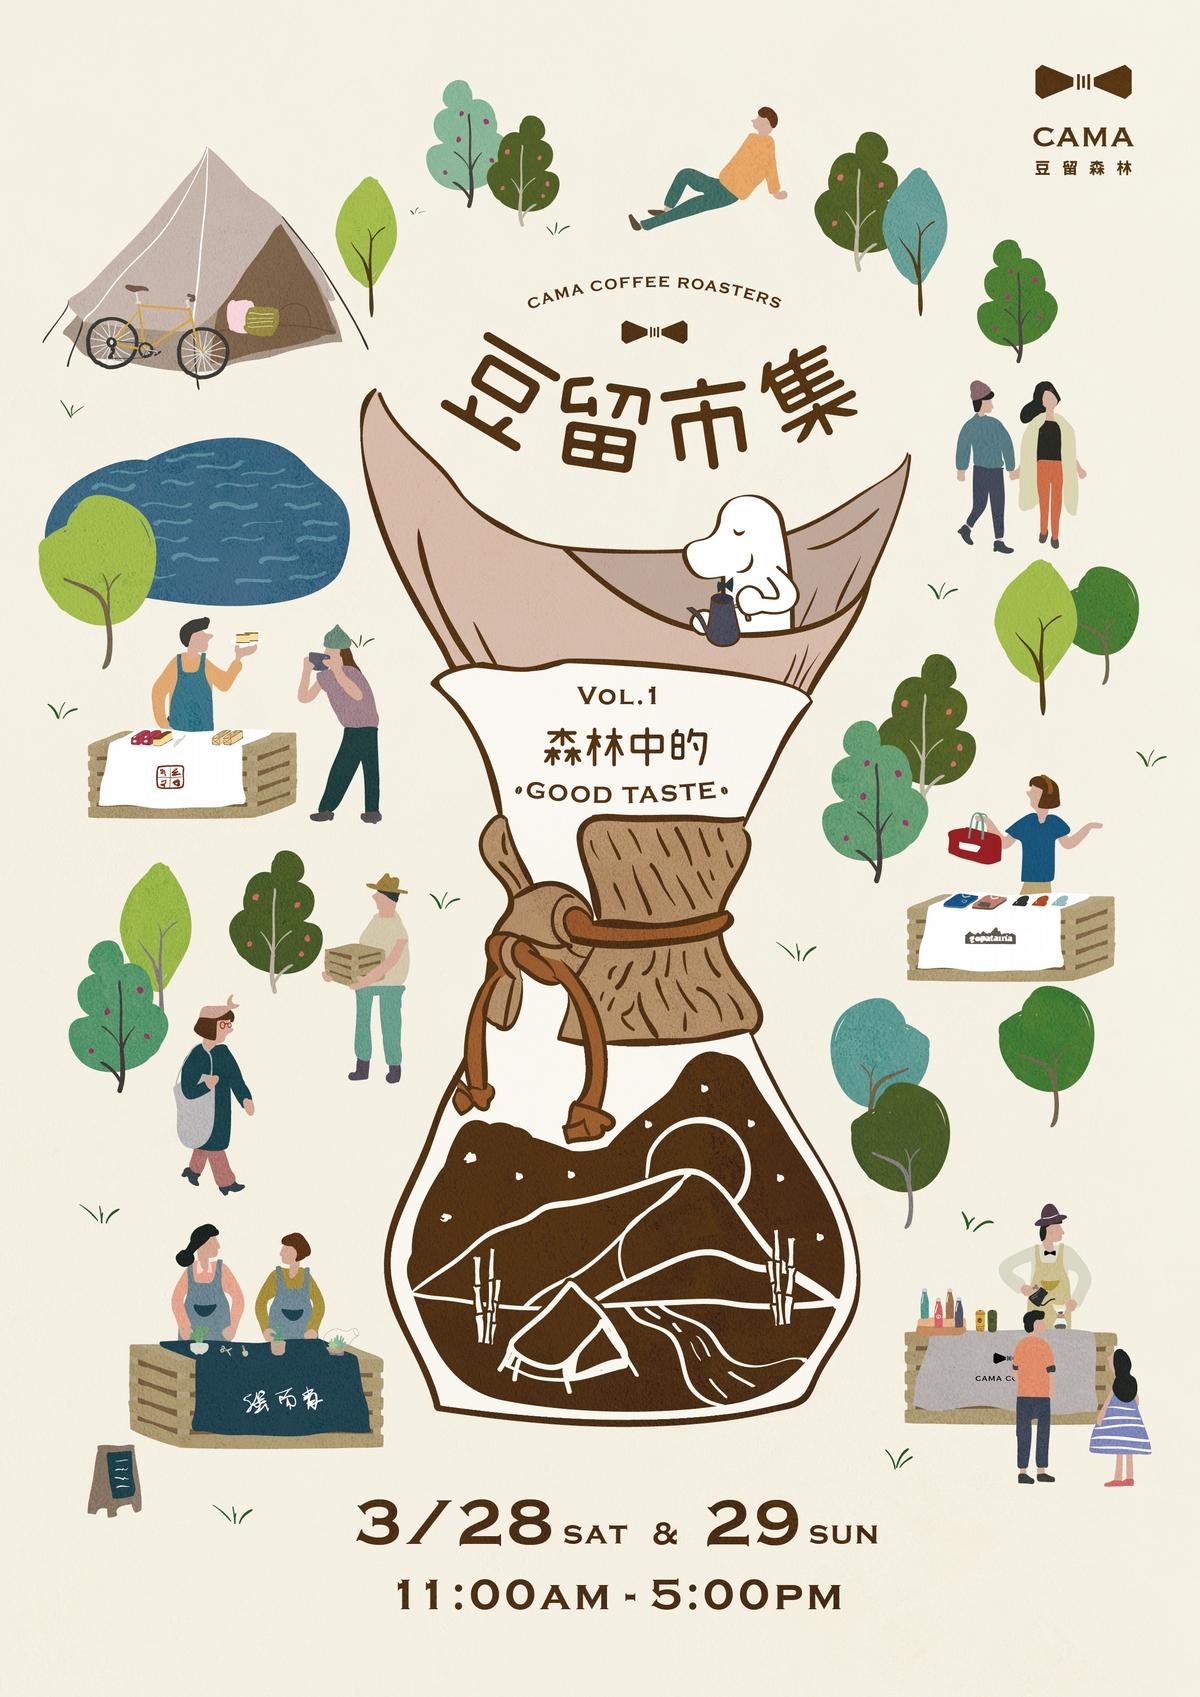 cama陽明山旗艦店首屆「豆留市集」3/28、29登場!集結手沖咖啡、美味甜點、戶外風格,帶你體驗森林療癒